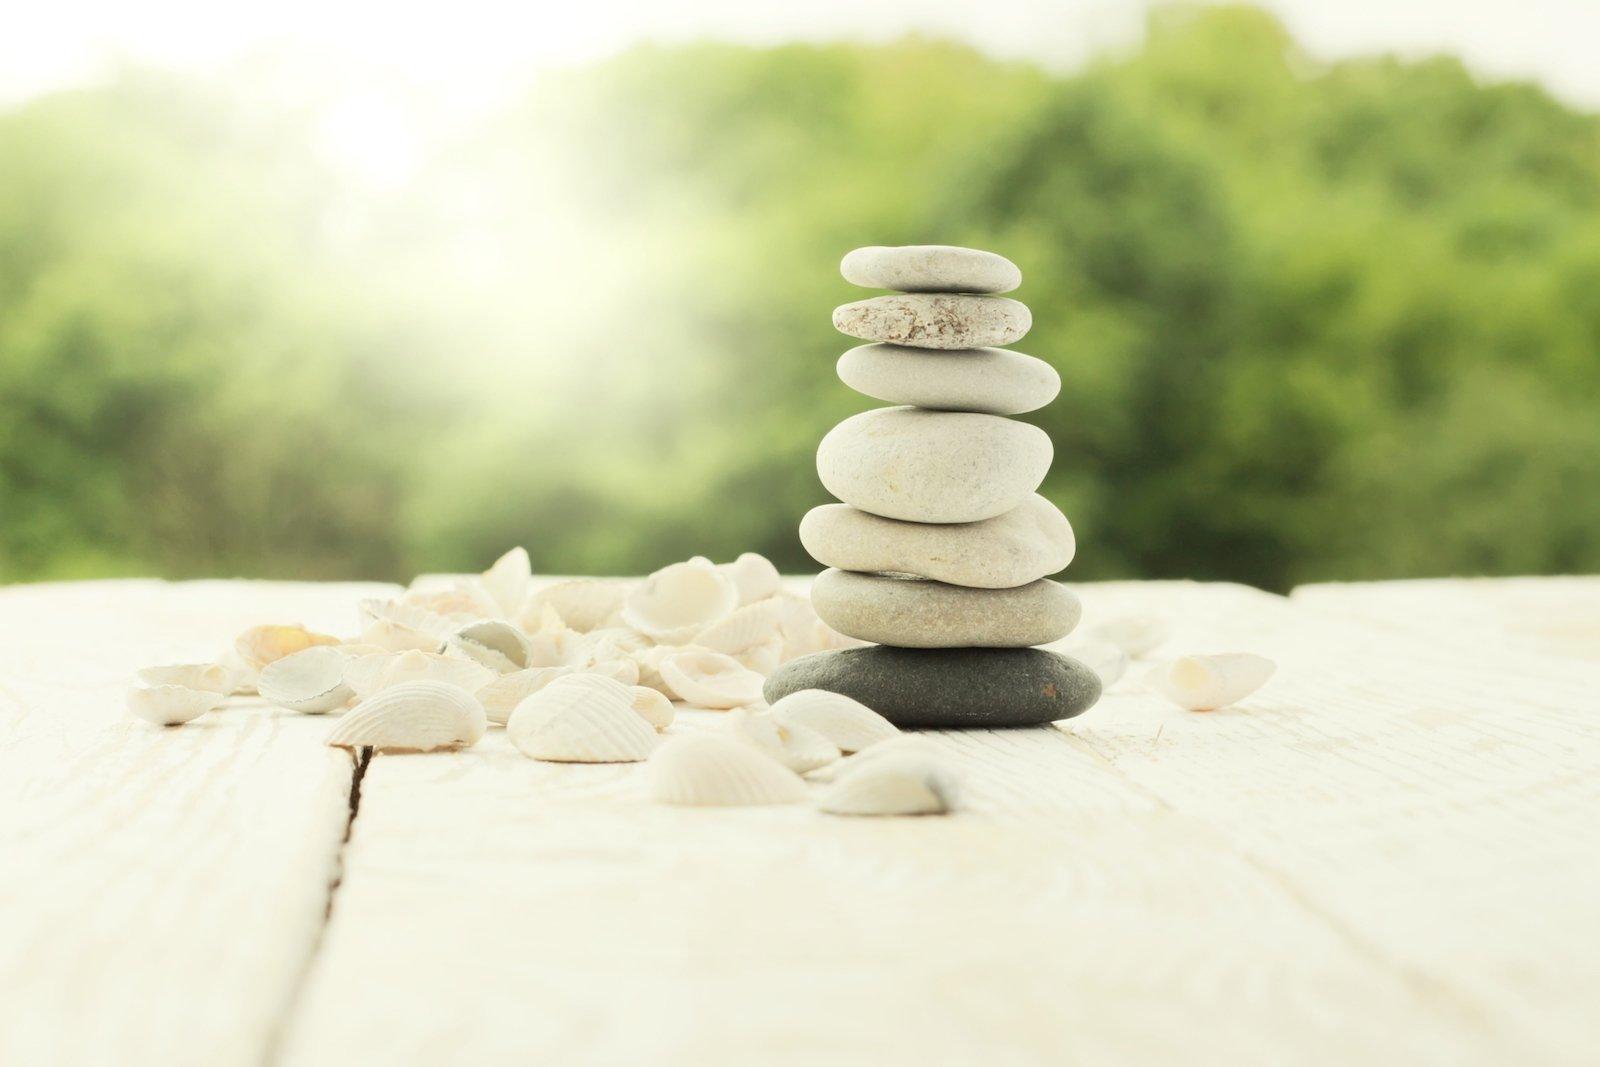 basta sensi di colpa trova il tuo equilibrio